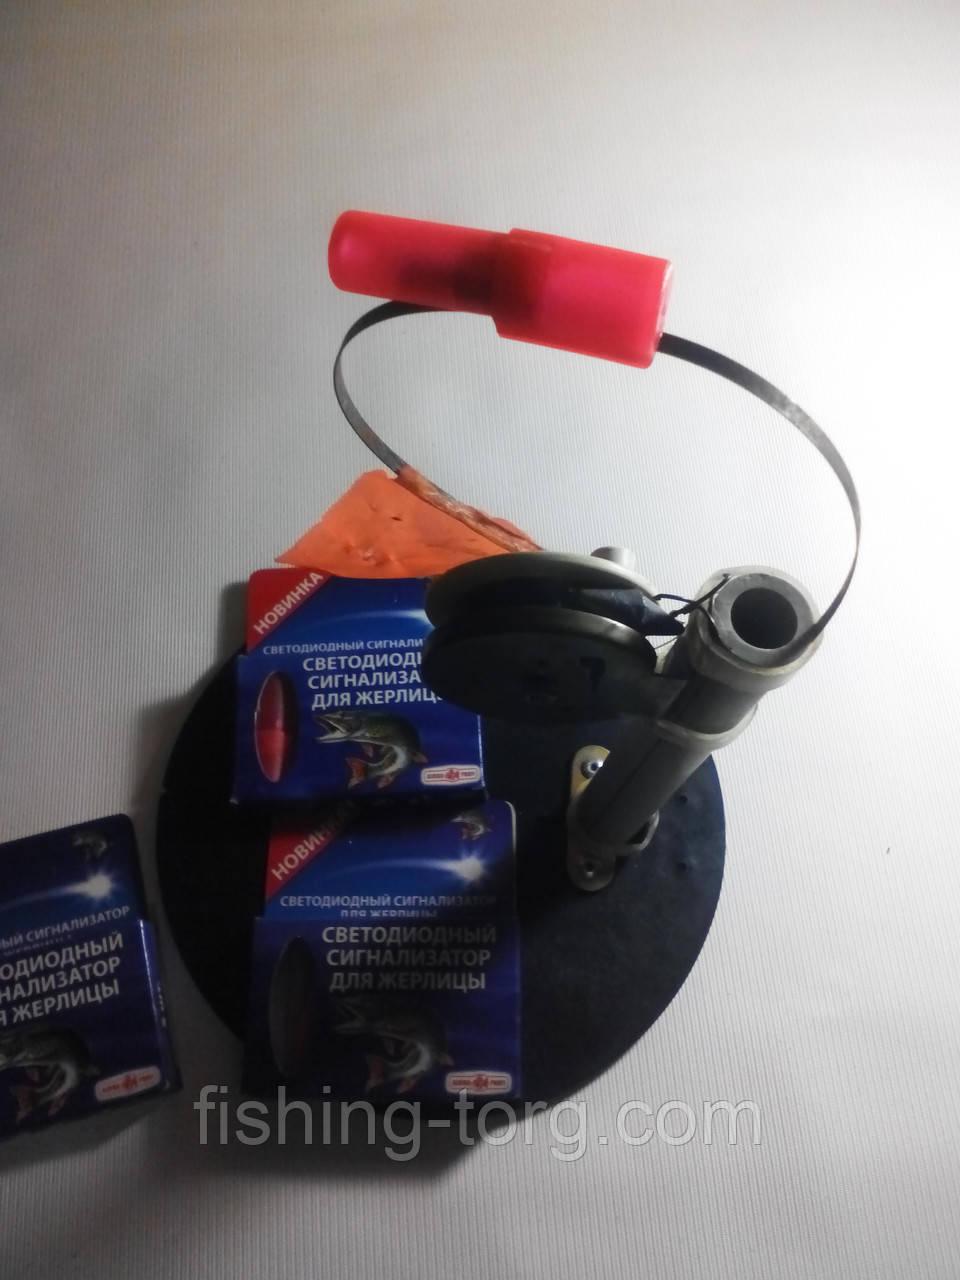 купить светодиодный сигнализатор для жерлицы